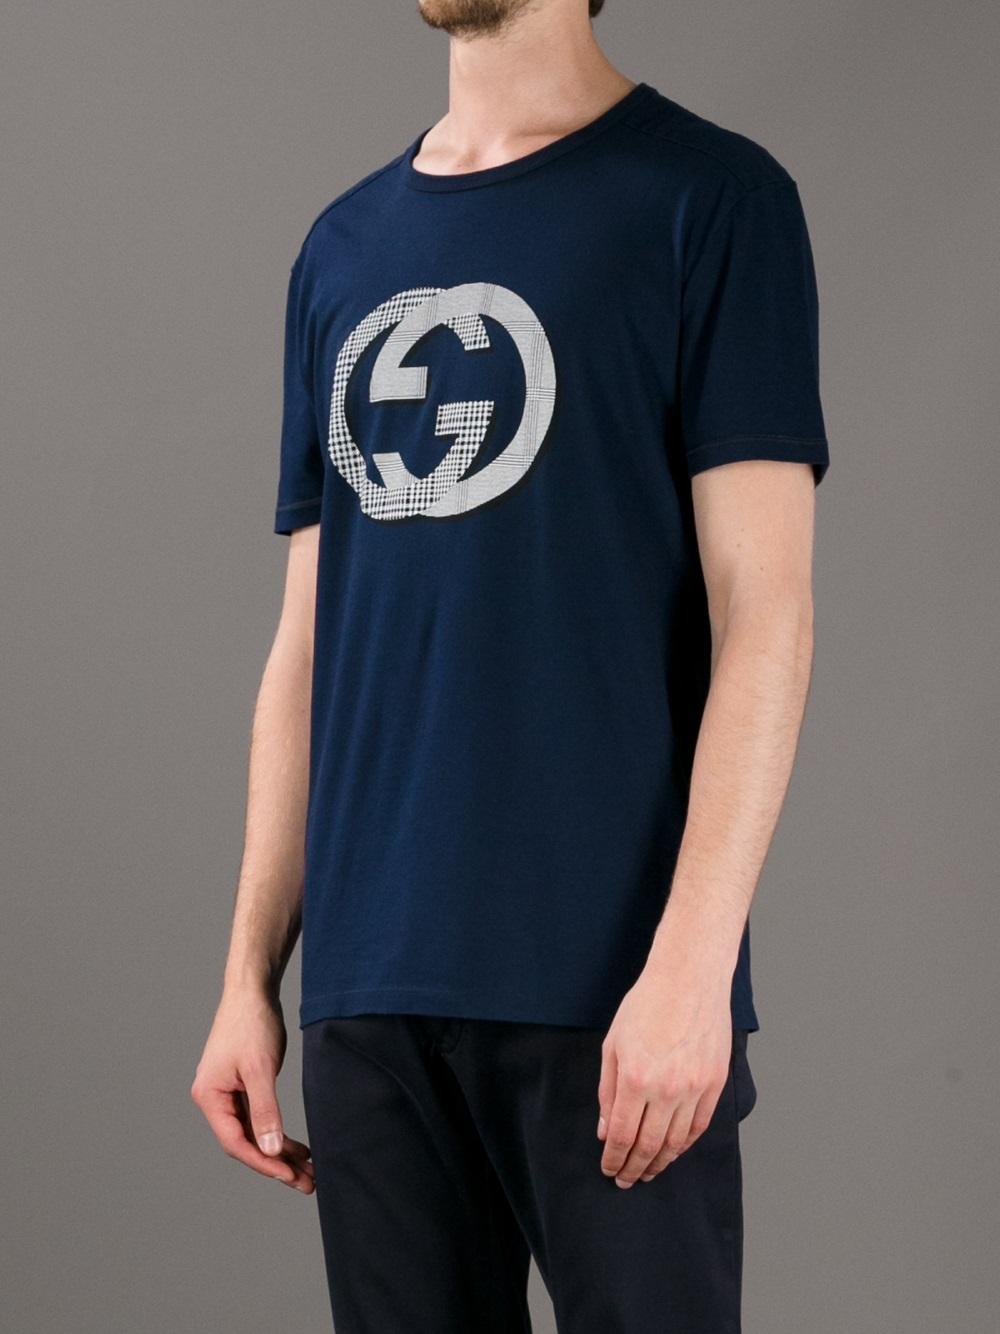 88533242ab0e Gucci Logo Tshirt in Blue for Men - Lyst